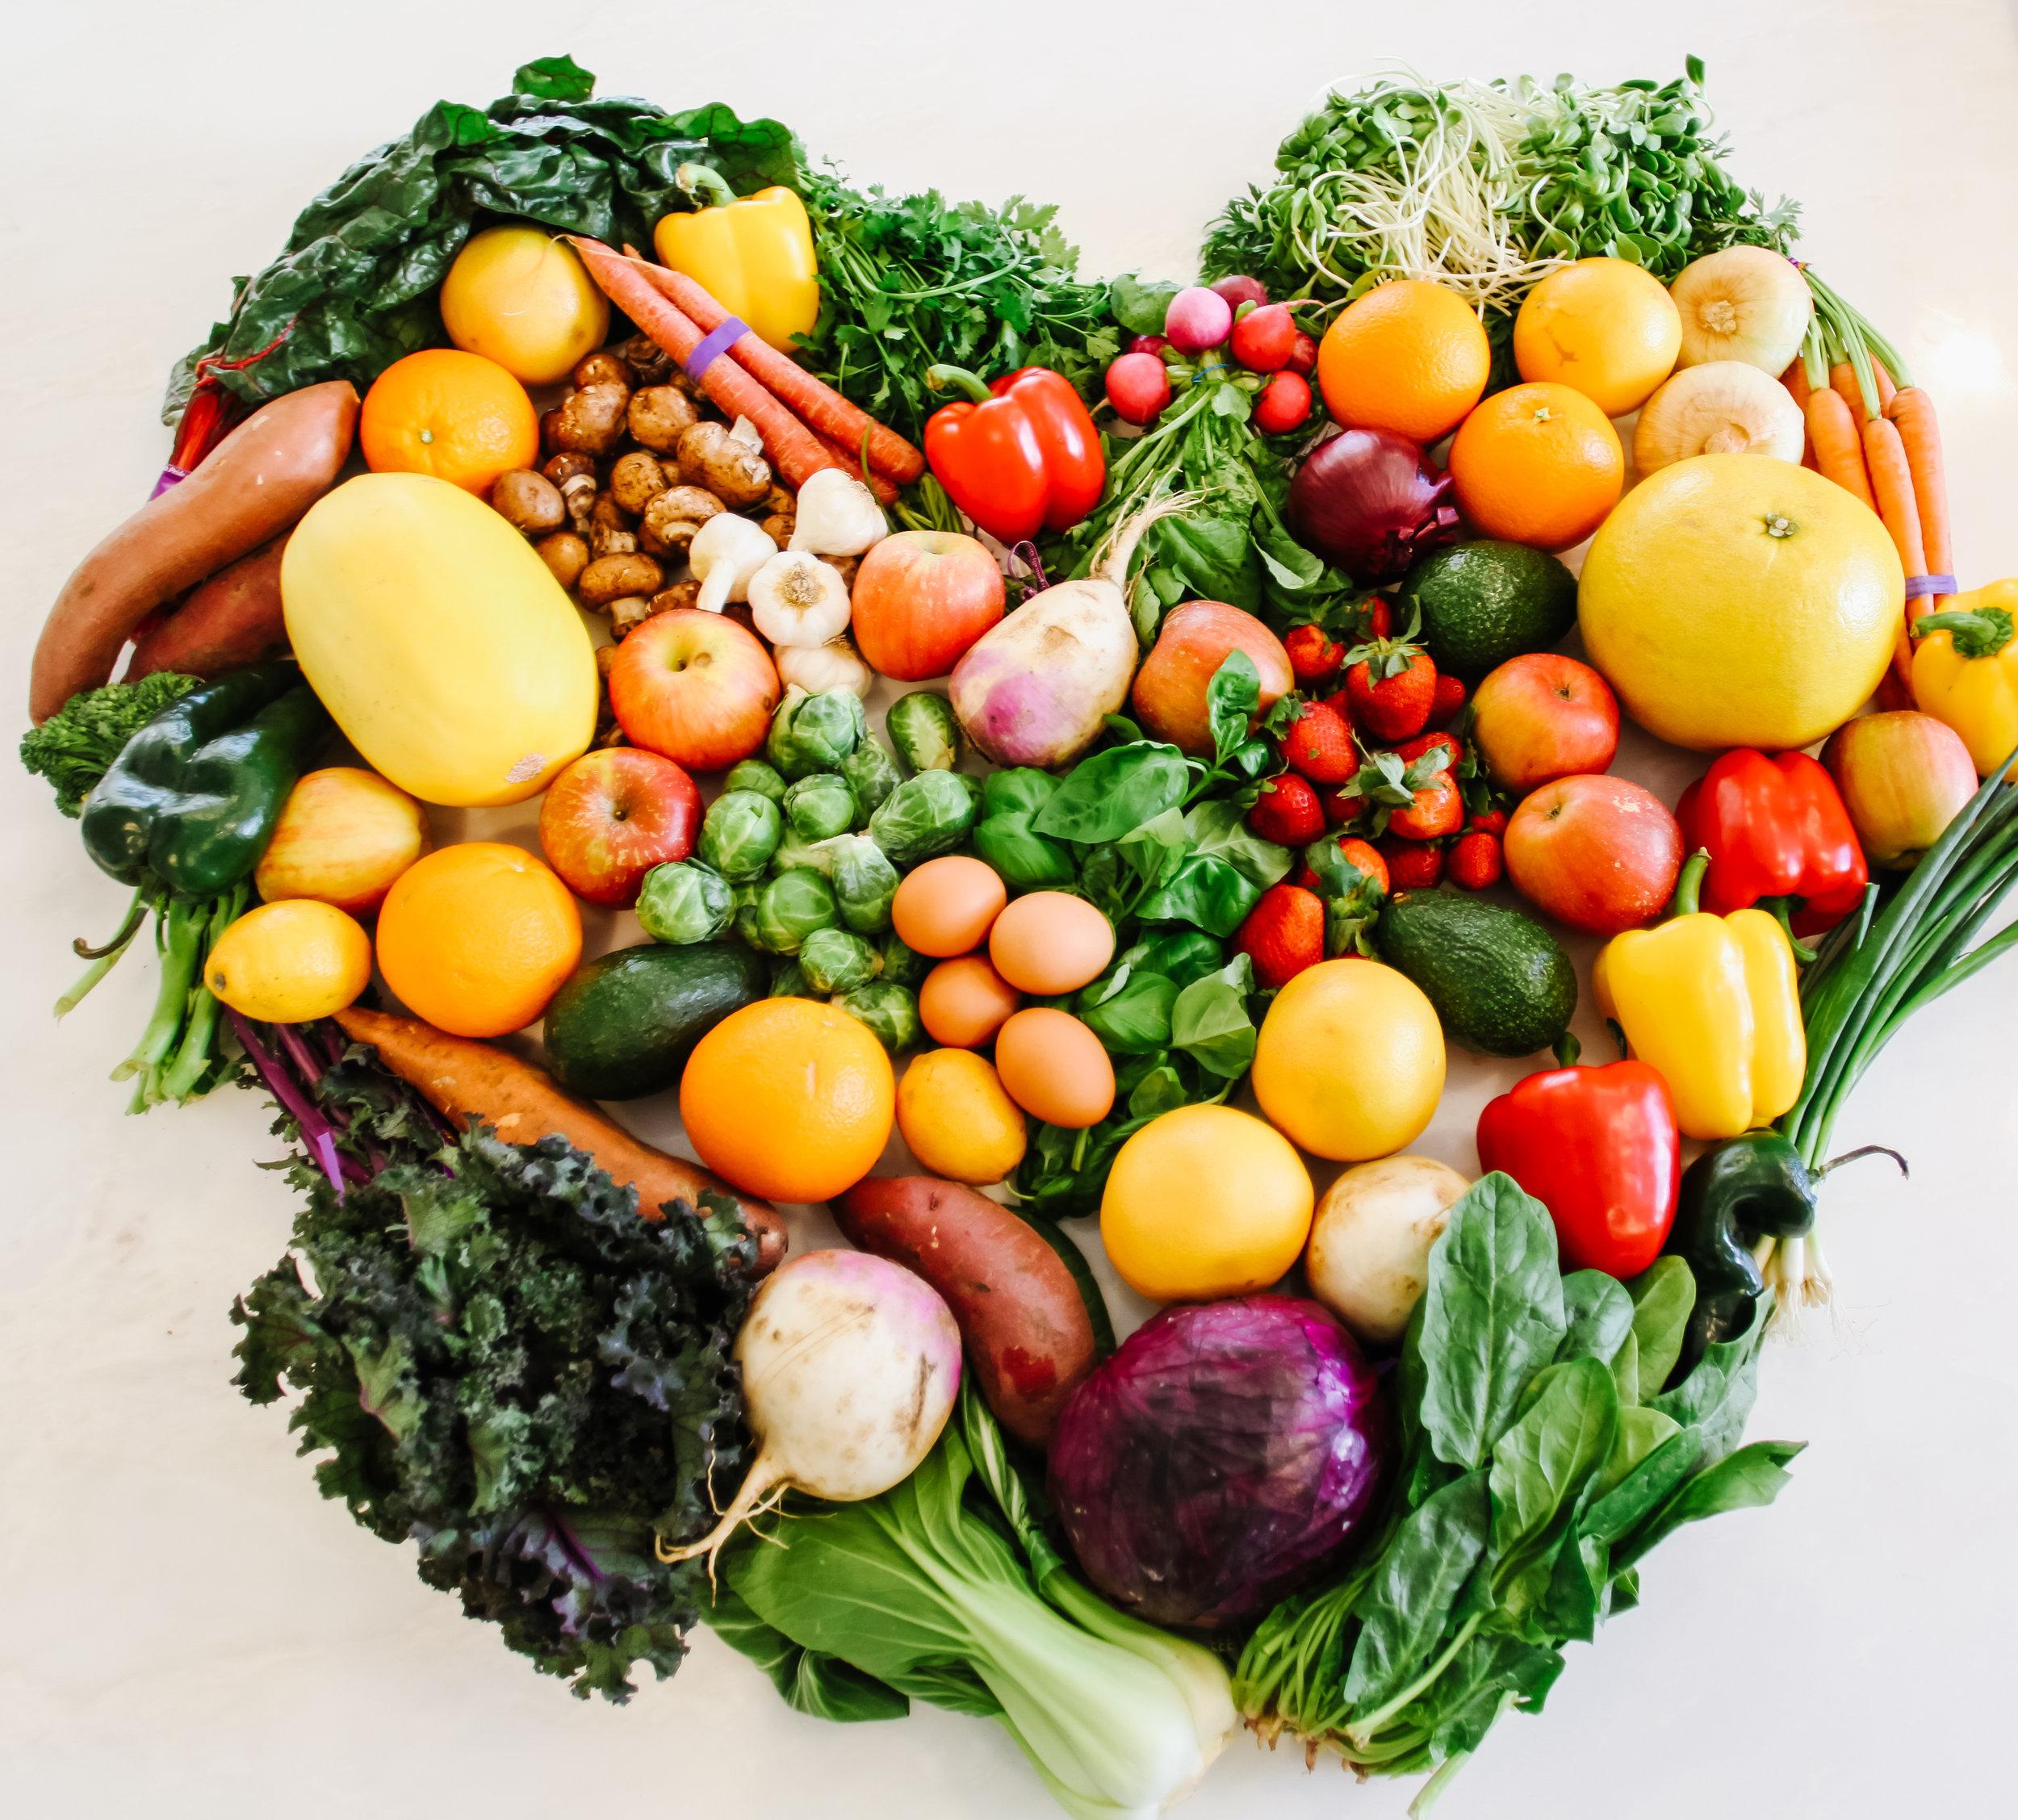 atlanta-woodstock-health-nutrition-whole-30-food-blogger-angela-elliott-wingard-23.jpg